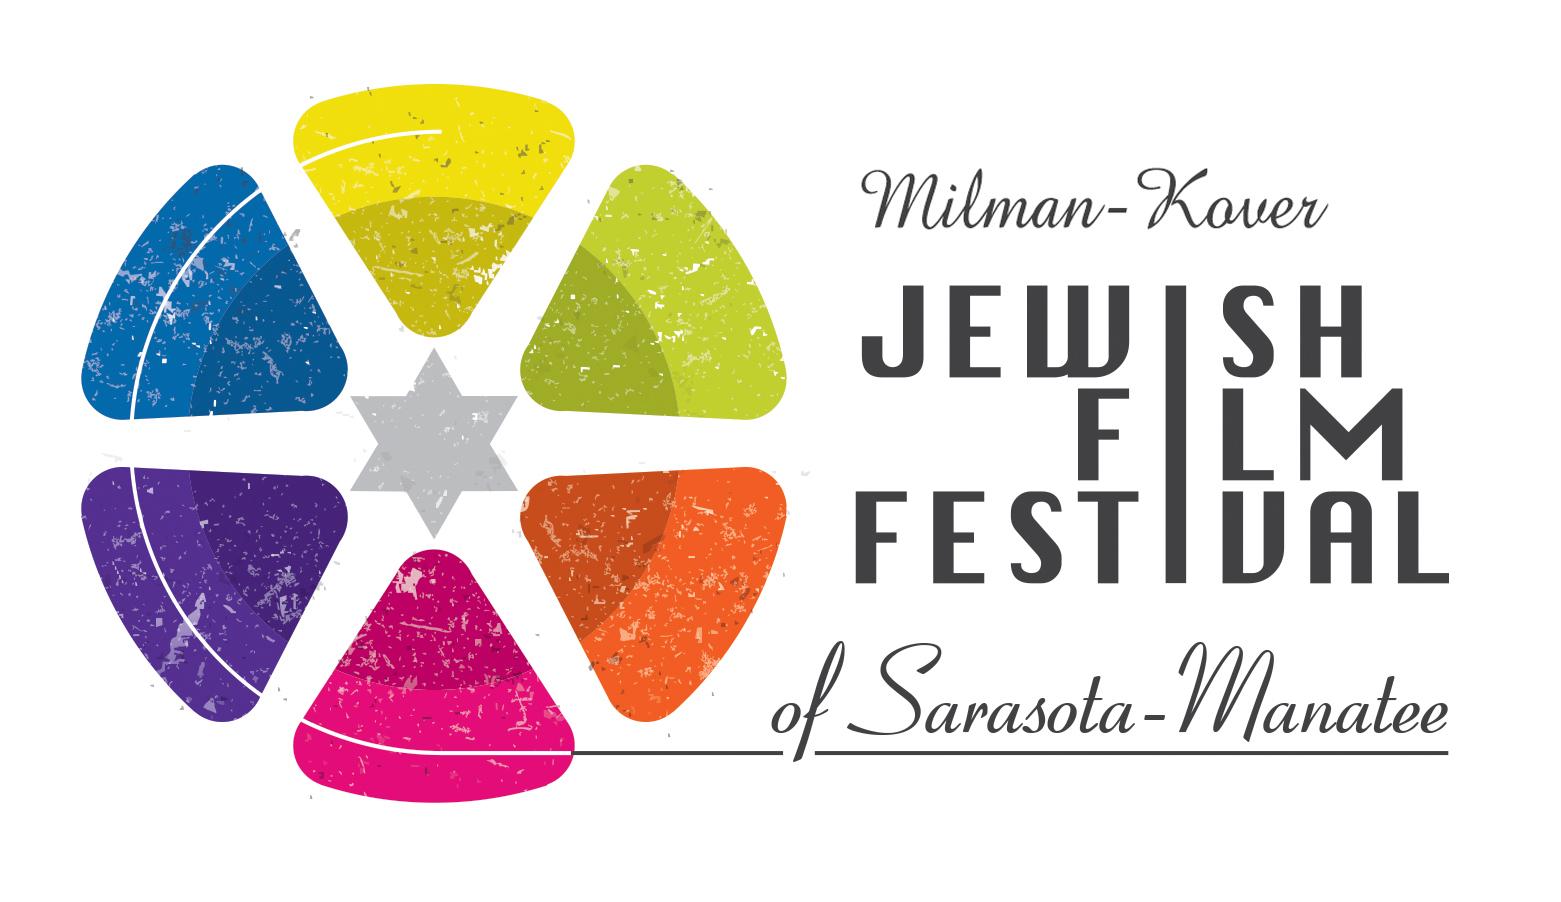 2015 Jewish Film Festival